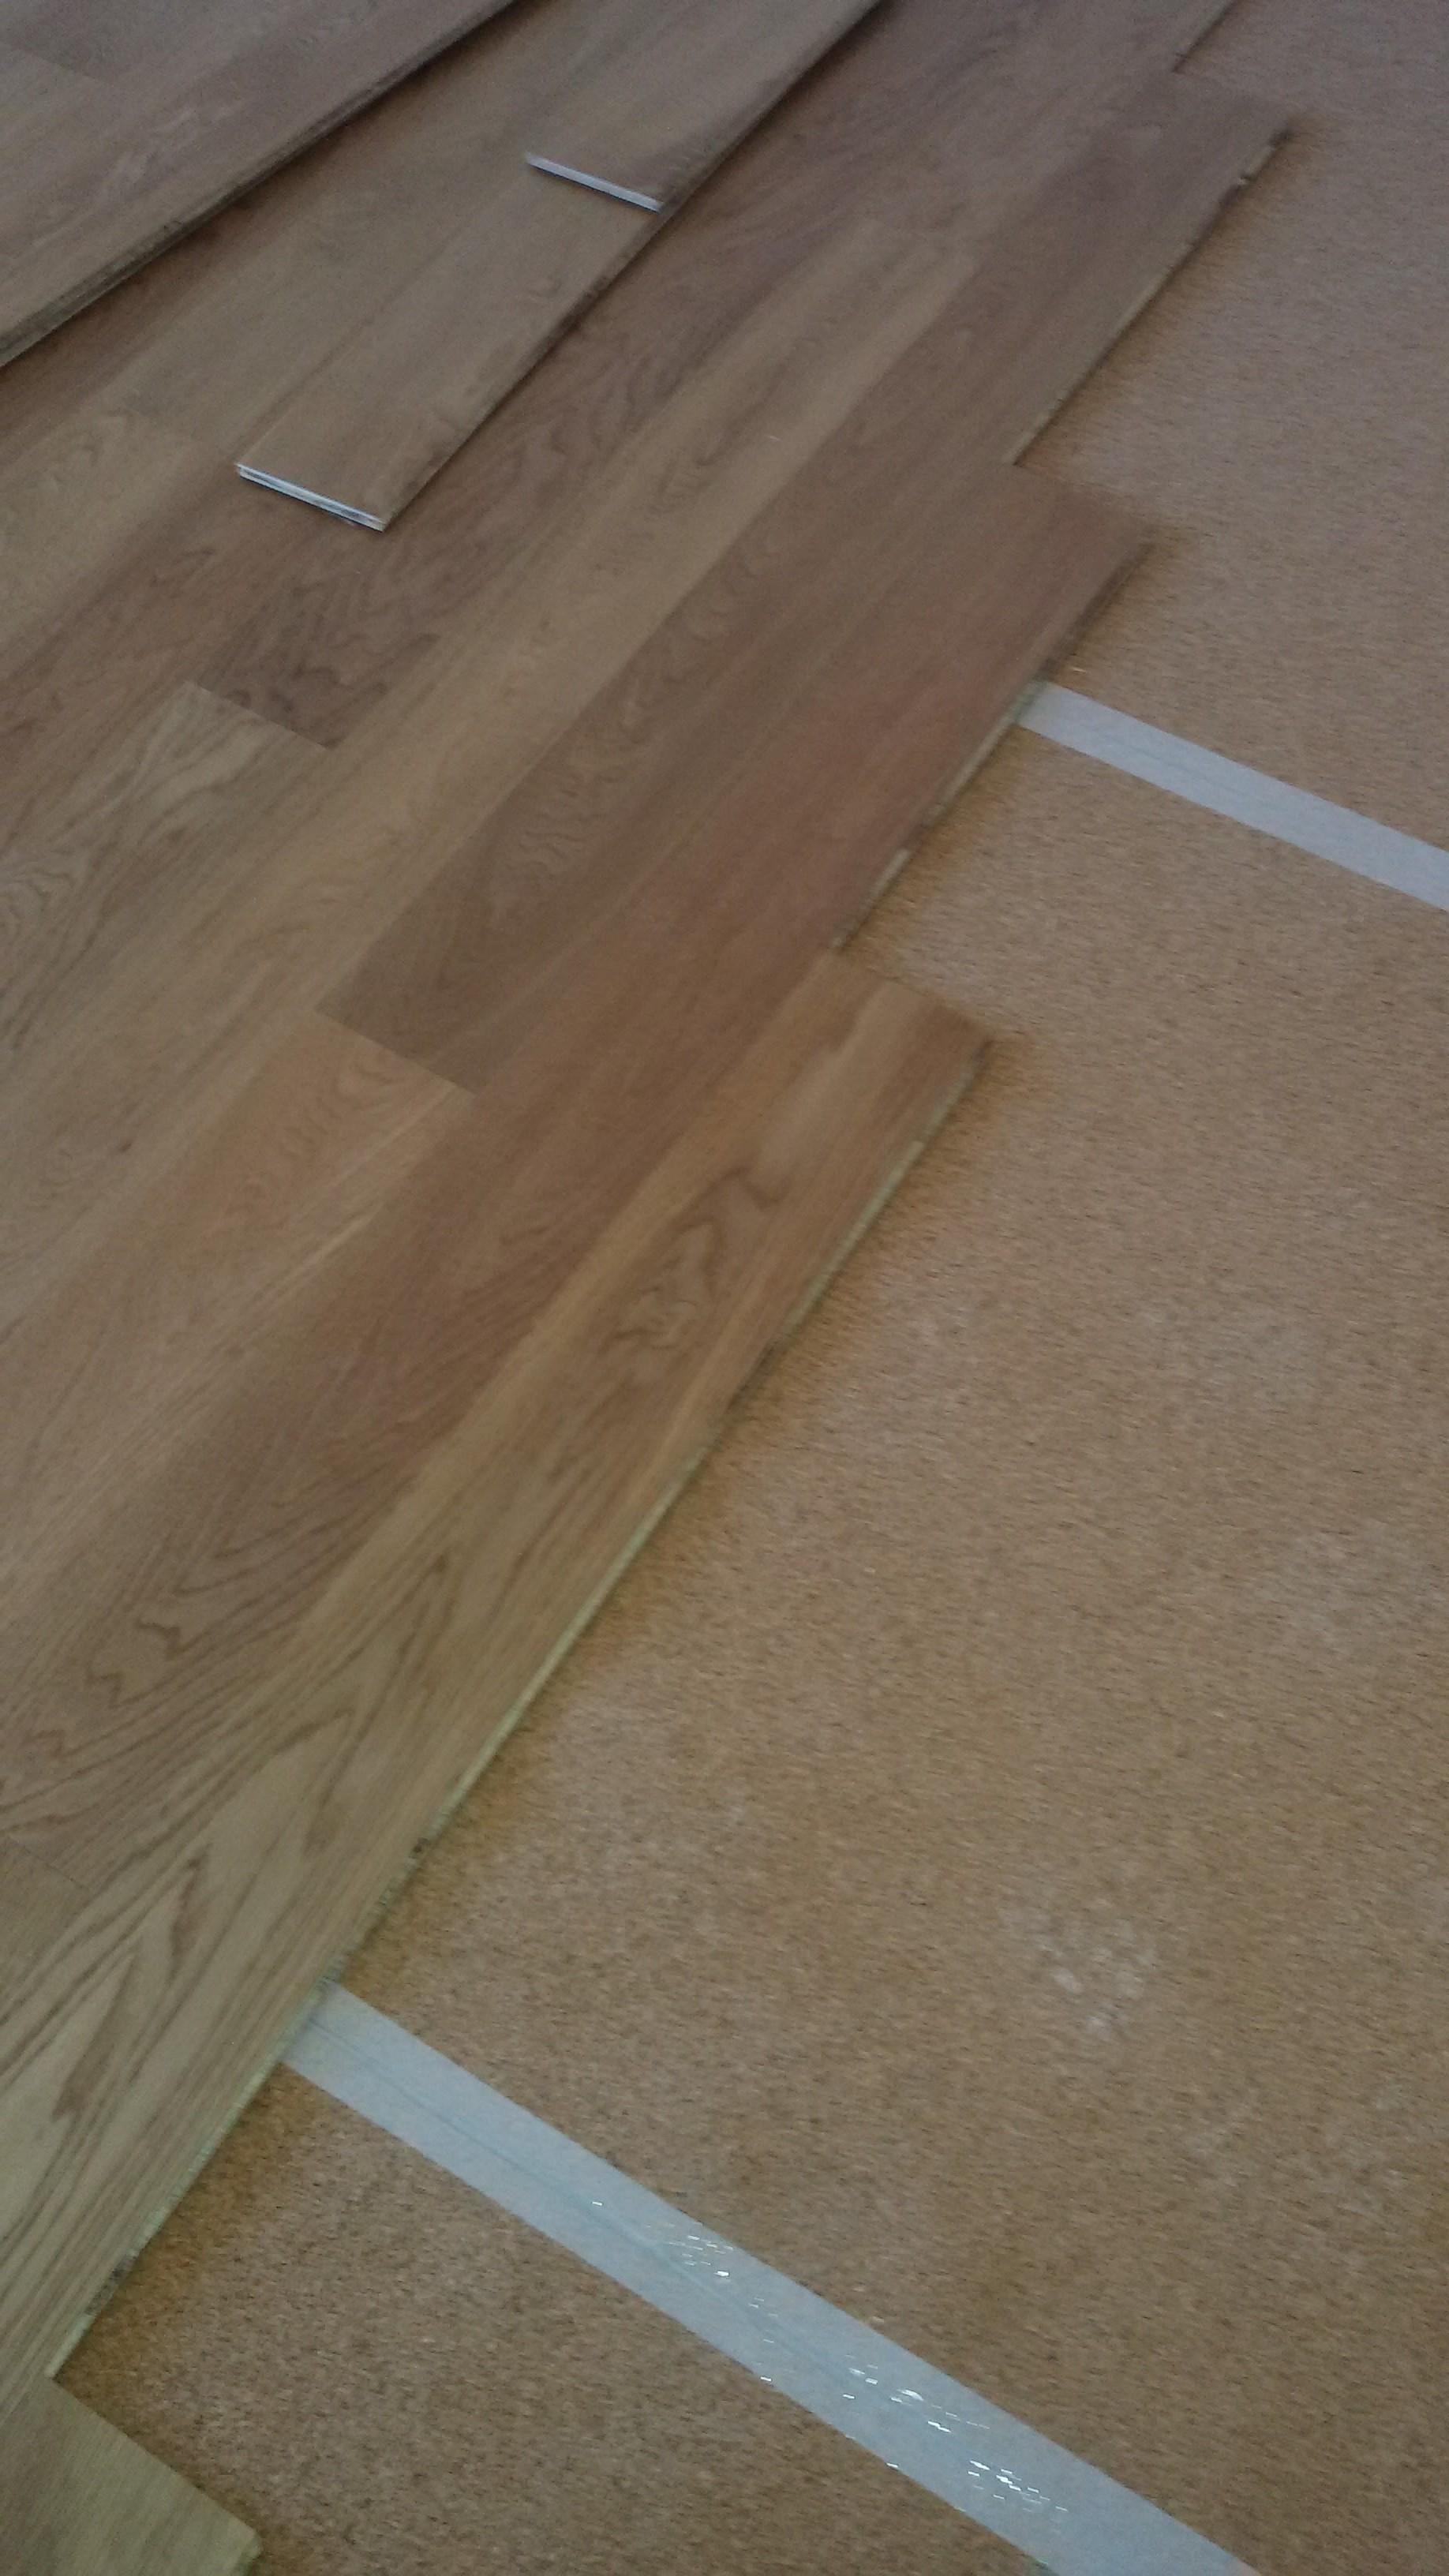 Posa listone in rovere prefinito flottante sul tappetino in sughero